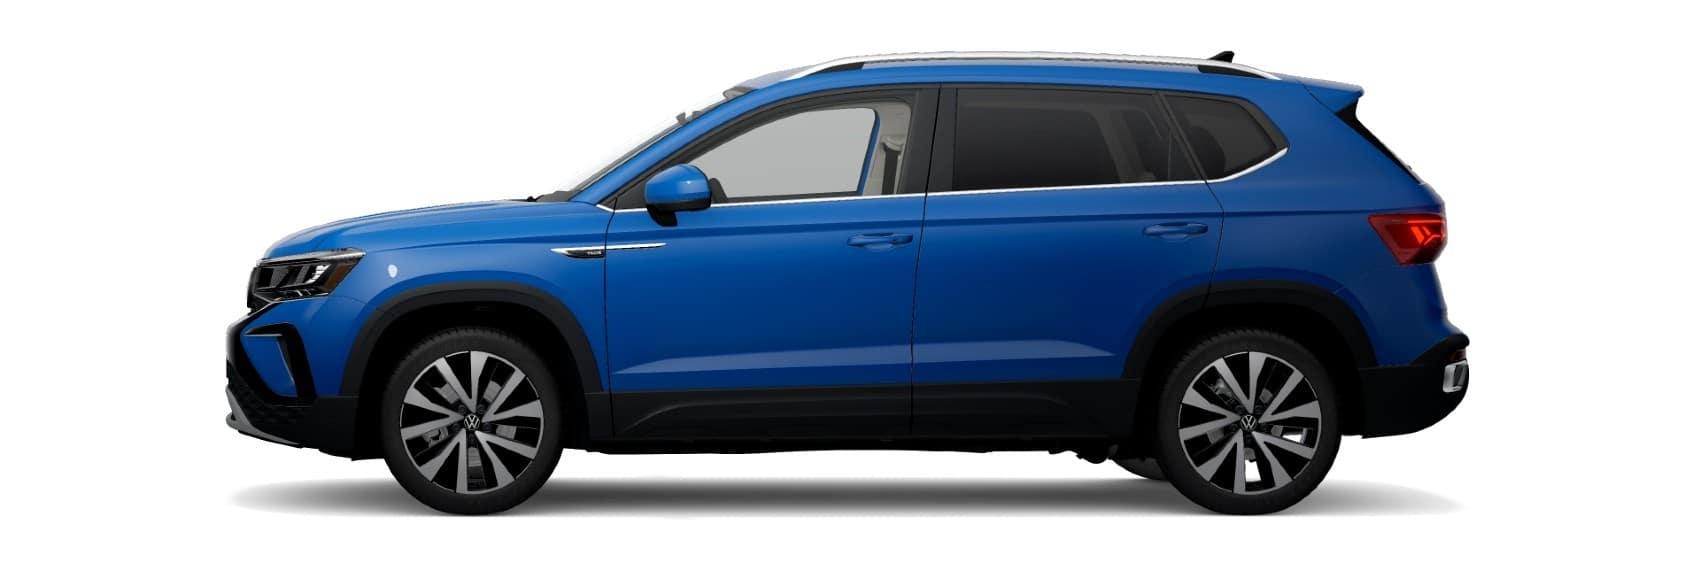 2022 Volkswagen Taos SE Cornflower Blue Metallic